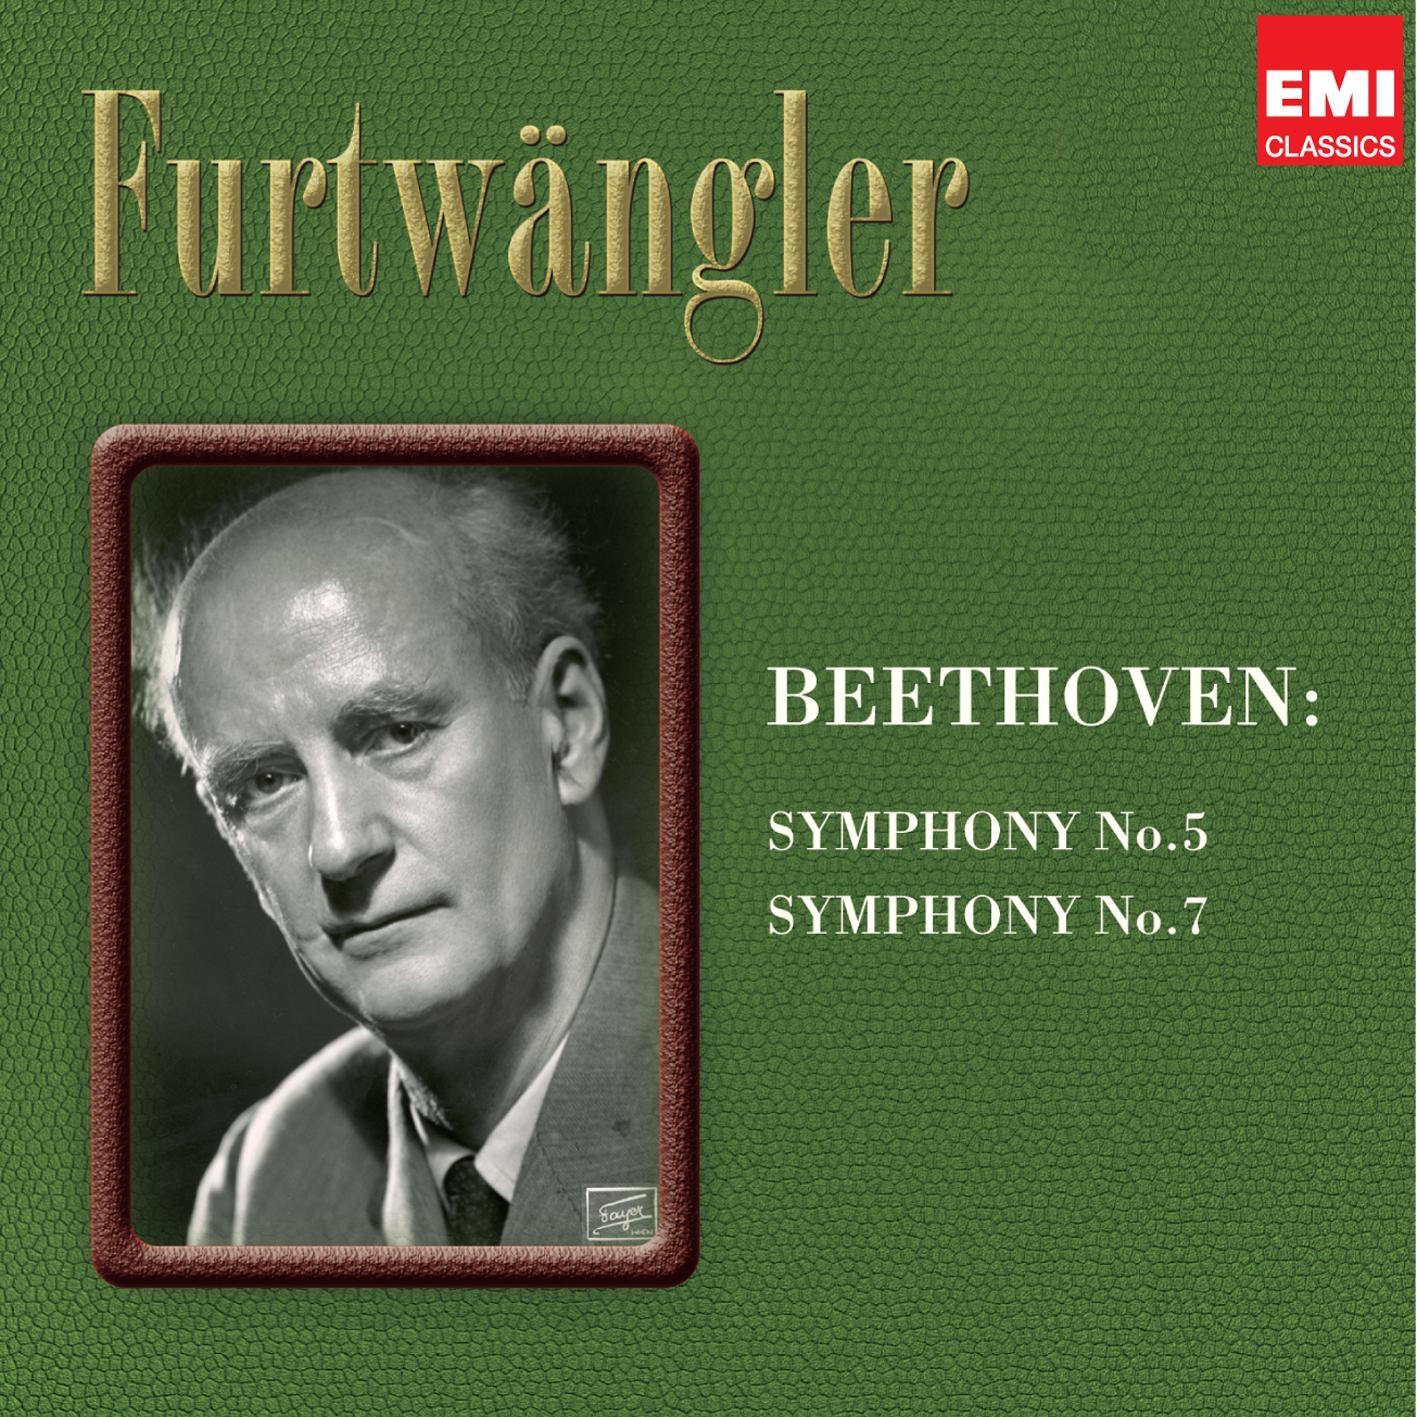 Symphony No. 5 in C Minor, Op. 67: IV. Allegro - Presto